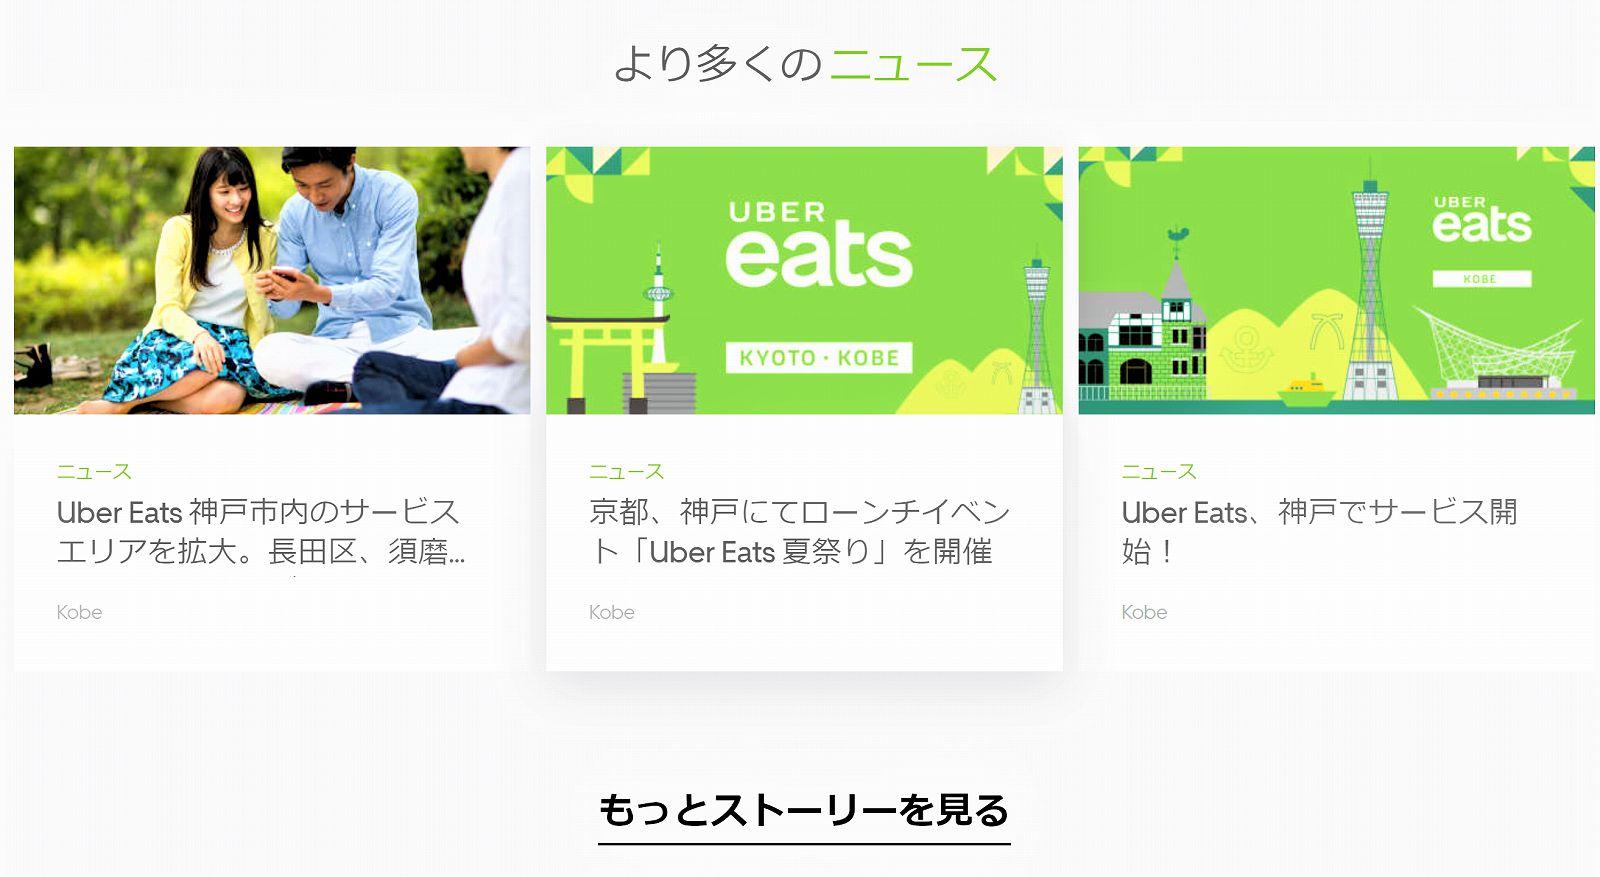 アプリで簡単!「Uber Eats(ウーバーイーツ)」が神戸市内のサービスエリアを拡大!長田区、須磨区、東灘区でも利用可能に! #ウーバーイーツ #アプリ #UberEats #デリバリー